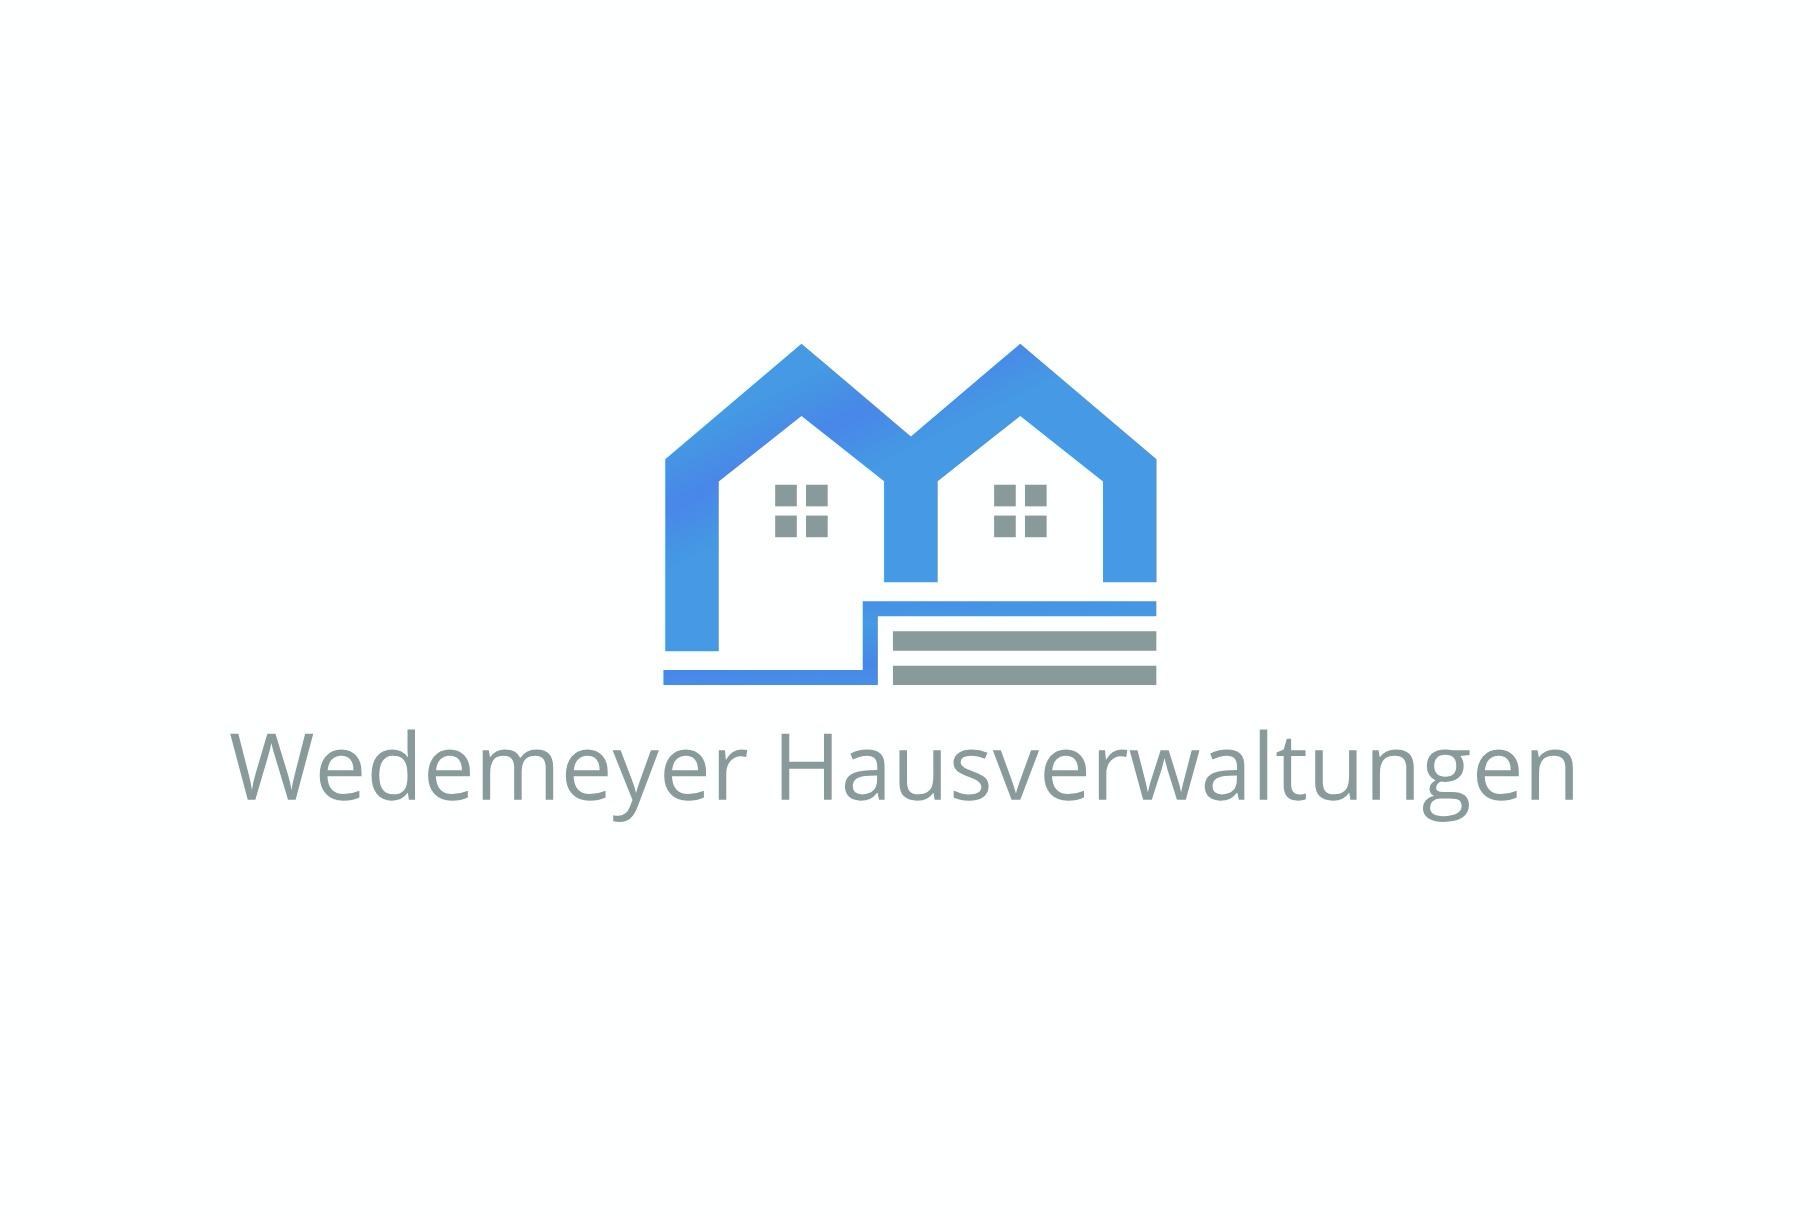 Wedemeyer Hausverwaltungen Hannover